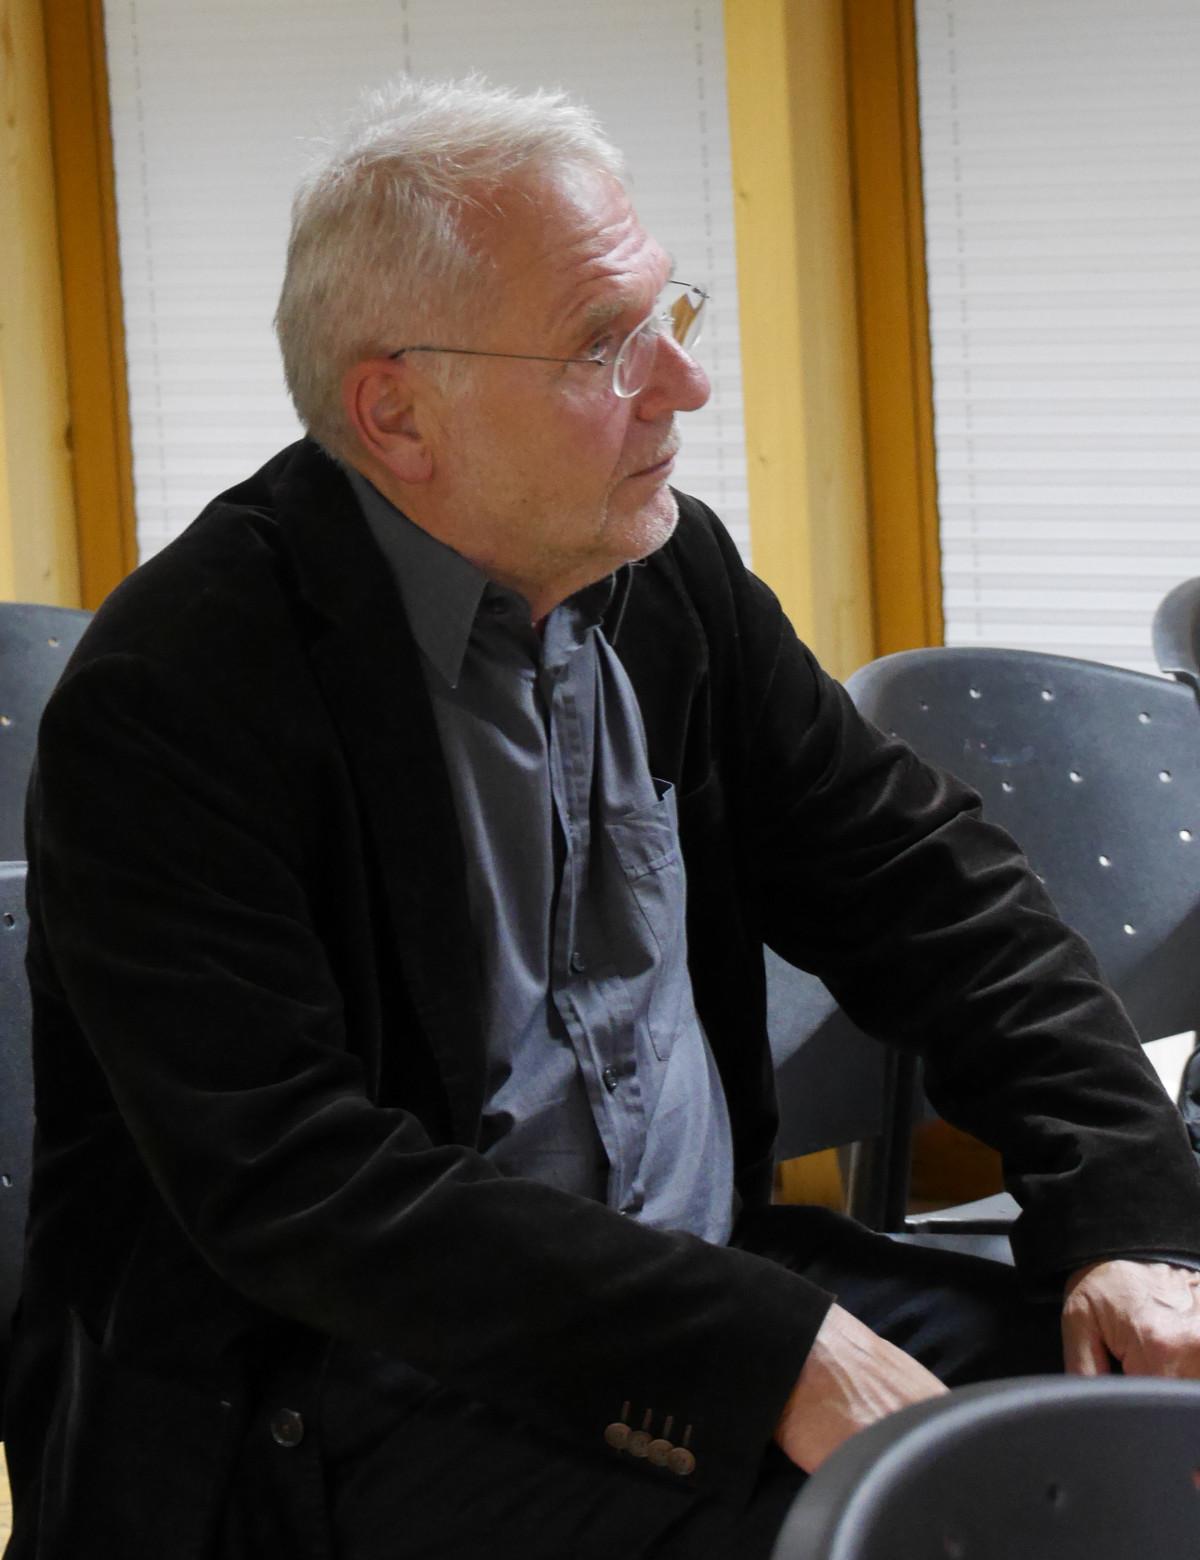 Jürgen Hardt, ein Experte für Psychoanalyse und Psychotherapie, hört hier aufmerksam zu